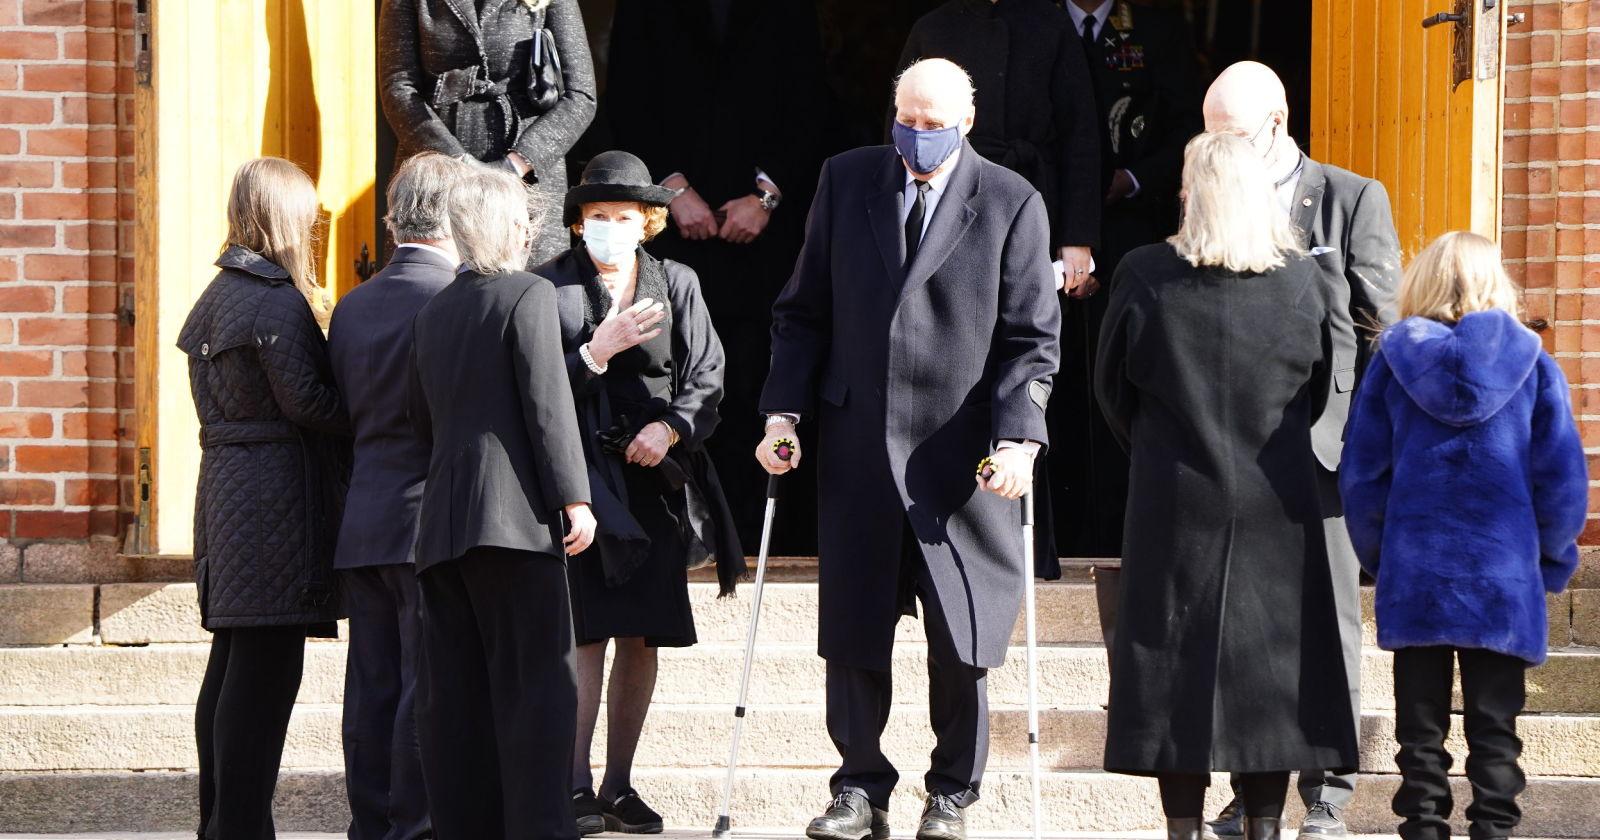 Похороны зятя короля Erling Lorentzen на этой неделе